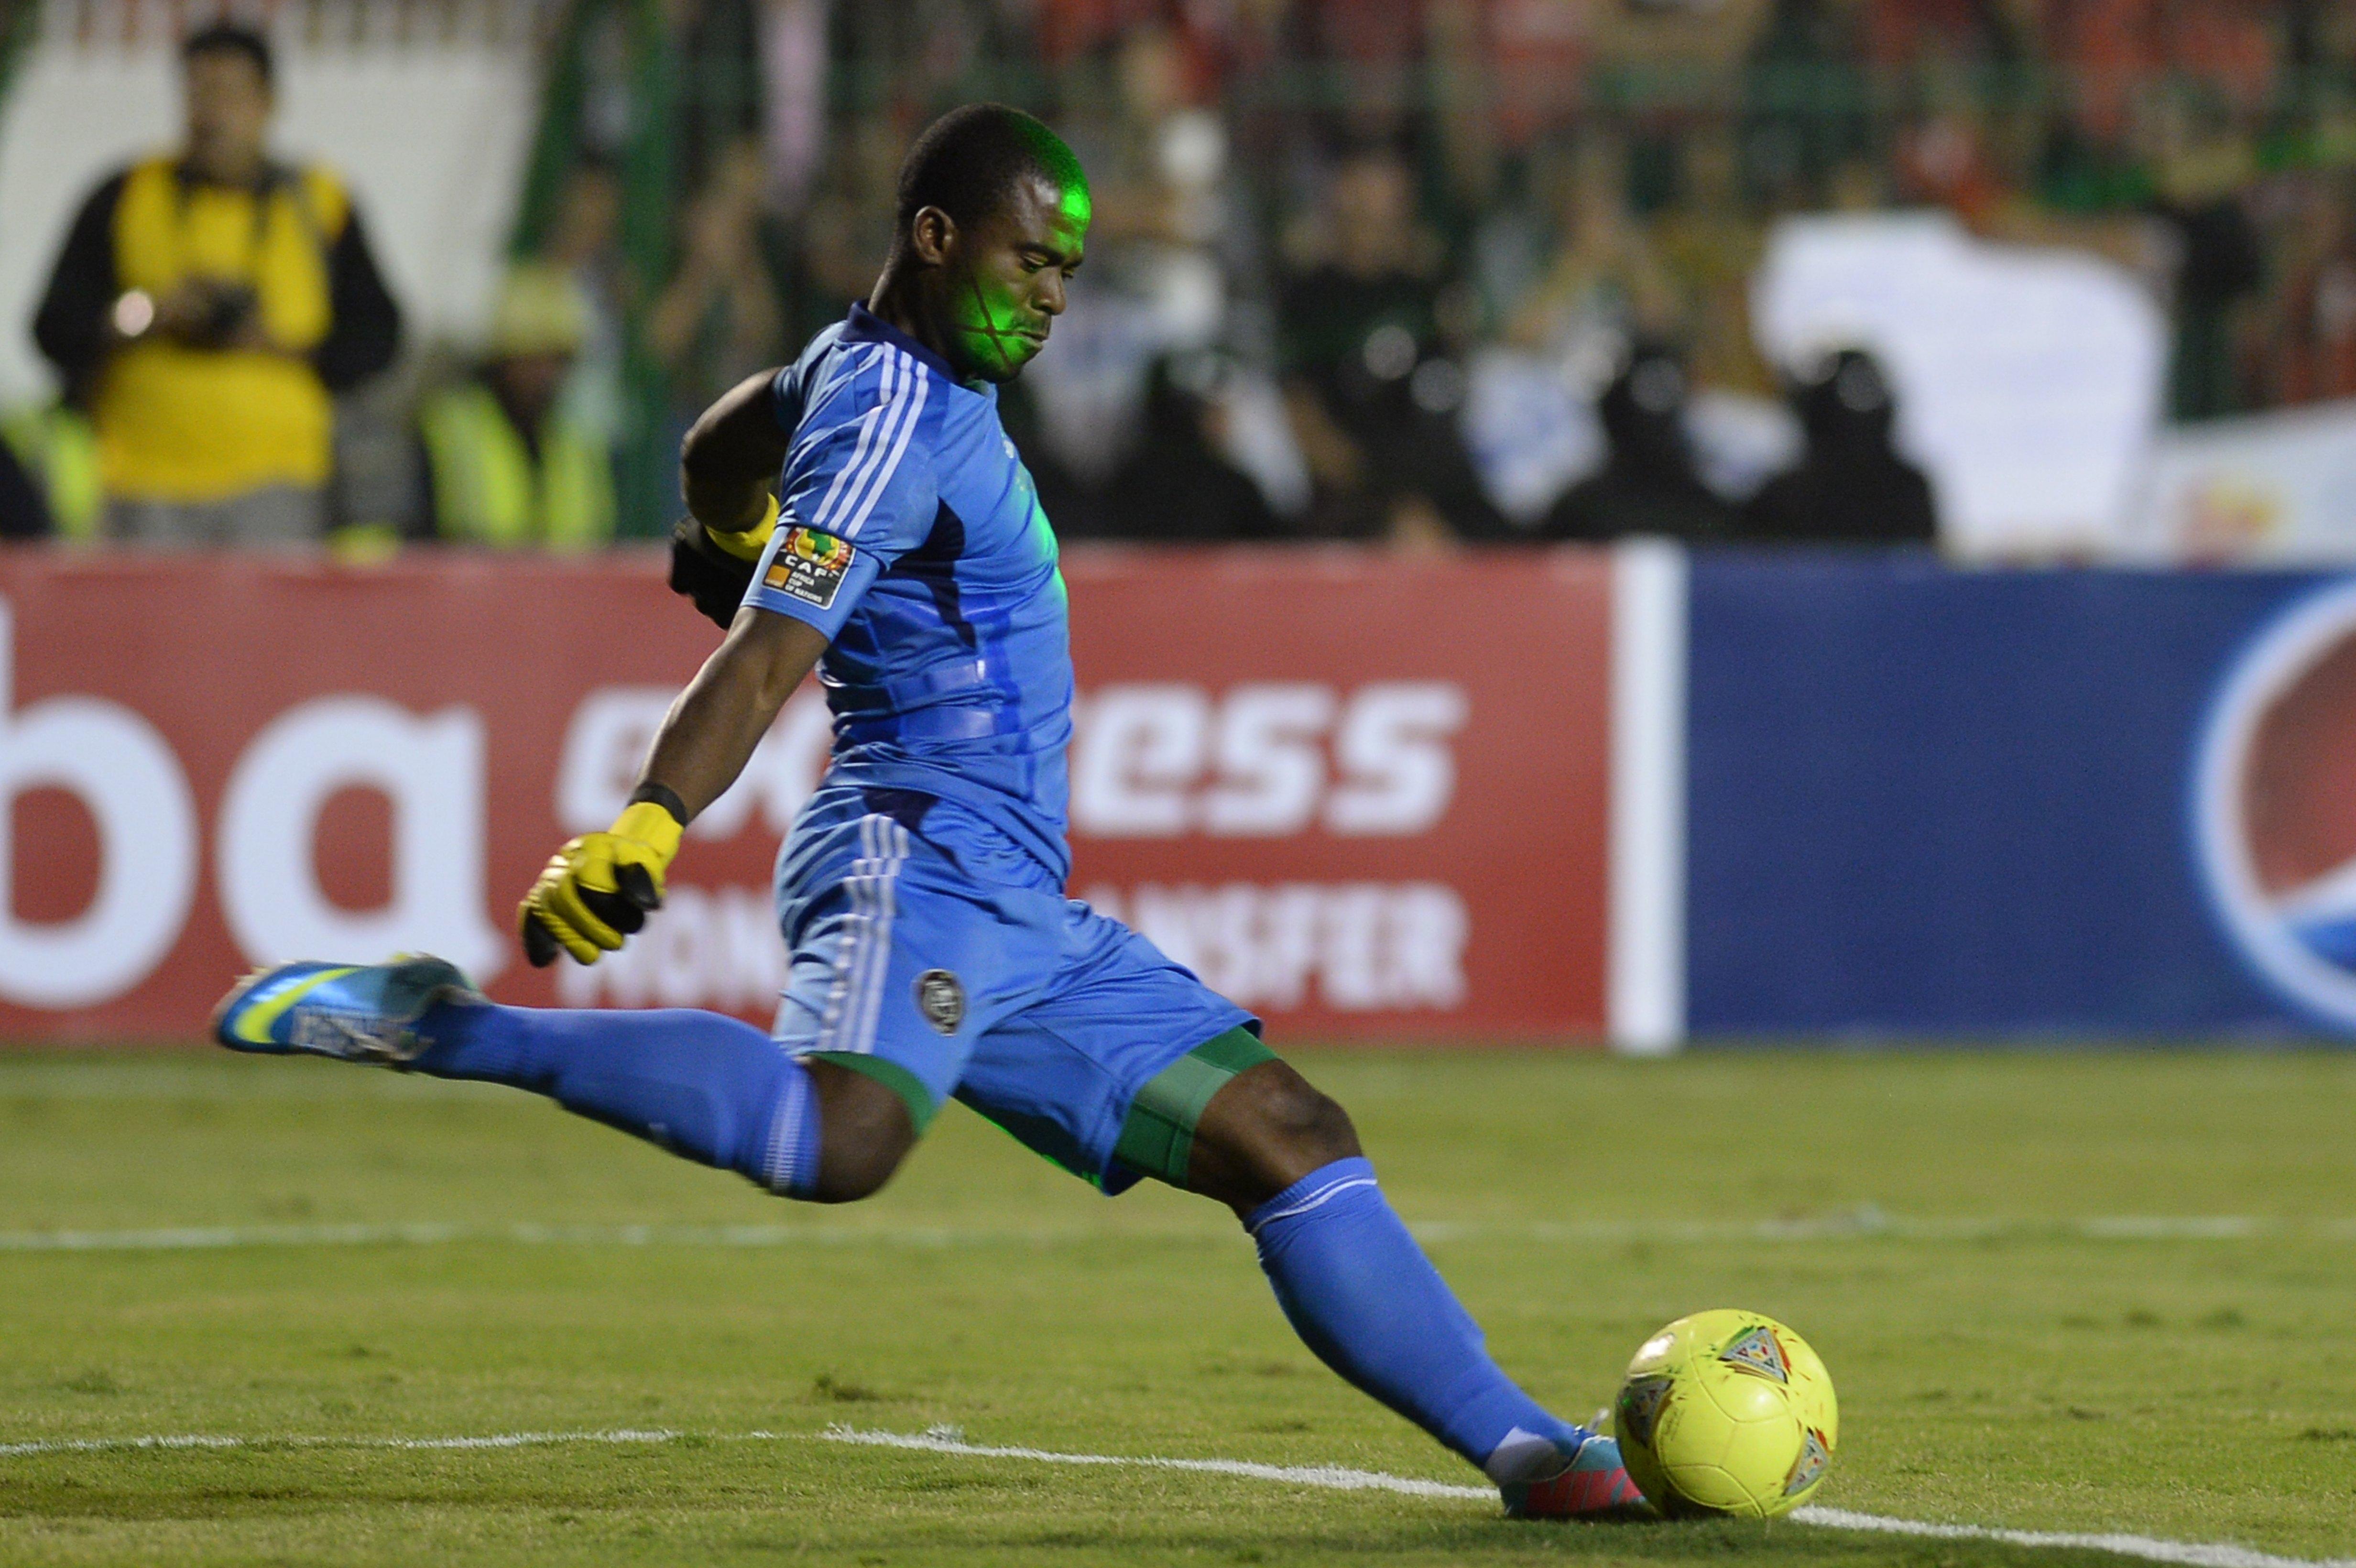 Joyous celebration for slain South African football captain